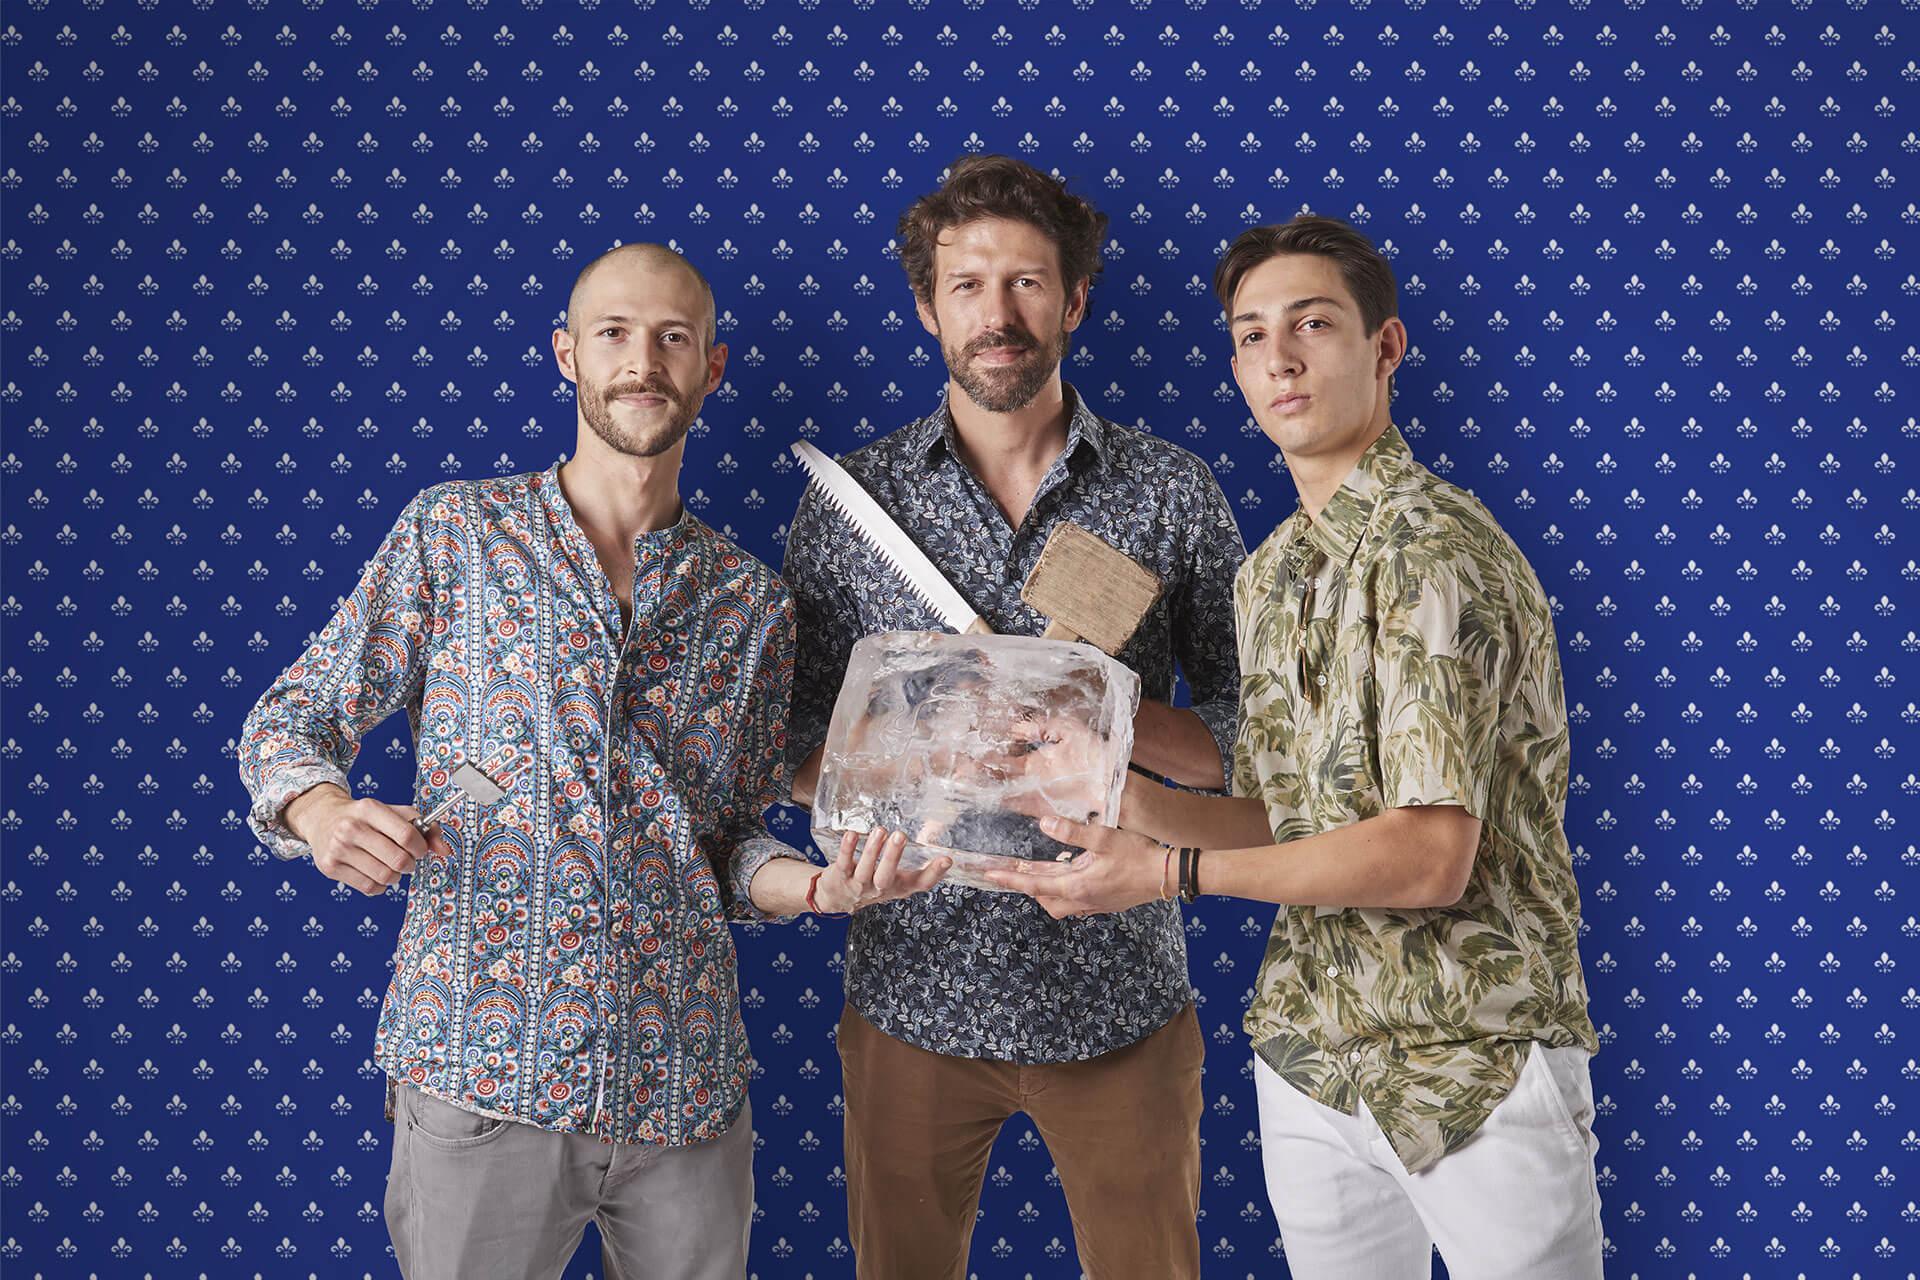 Matteo Di Ienno, Angelo Doneddu e Niccolò Bambi - Locale